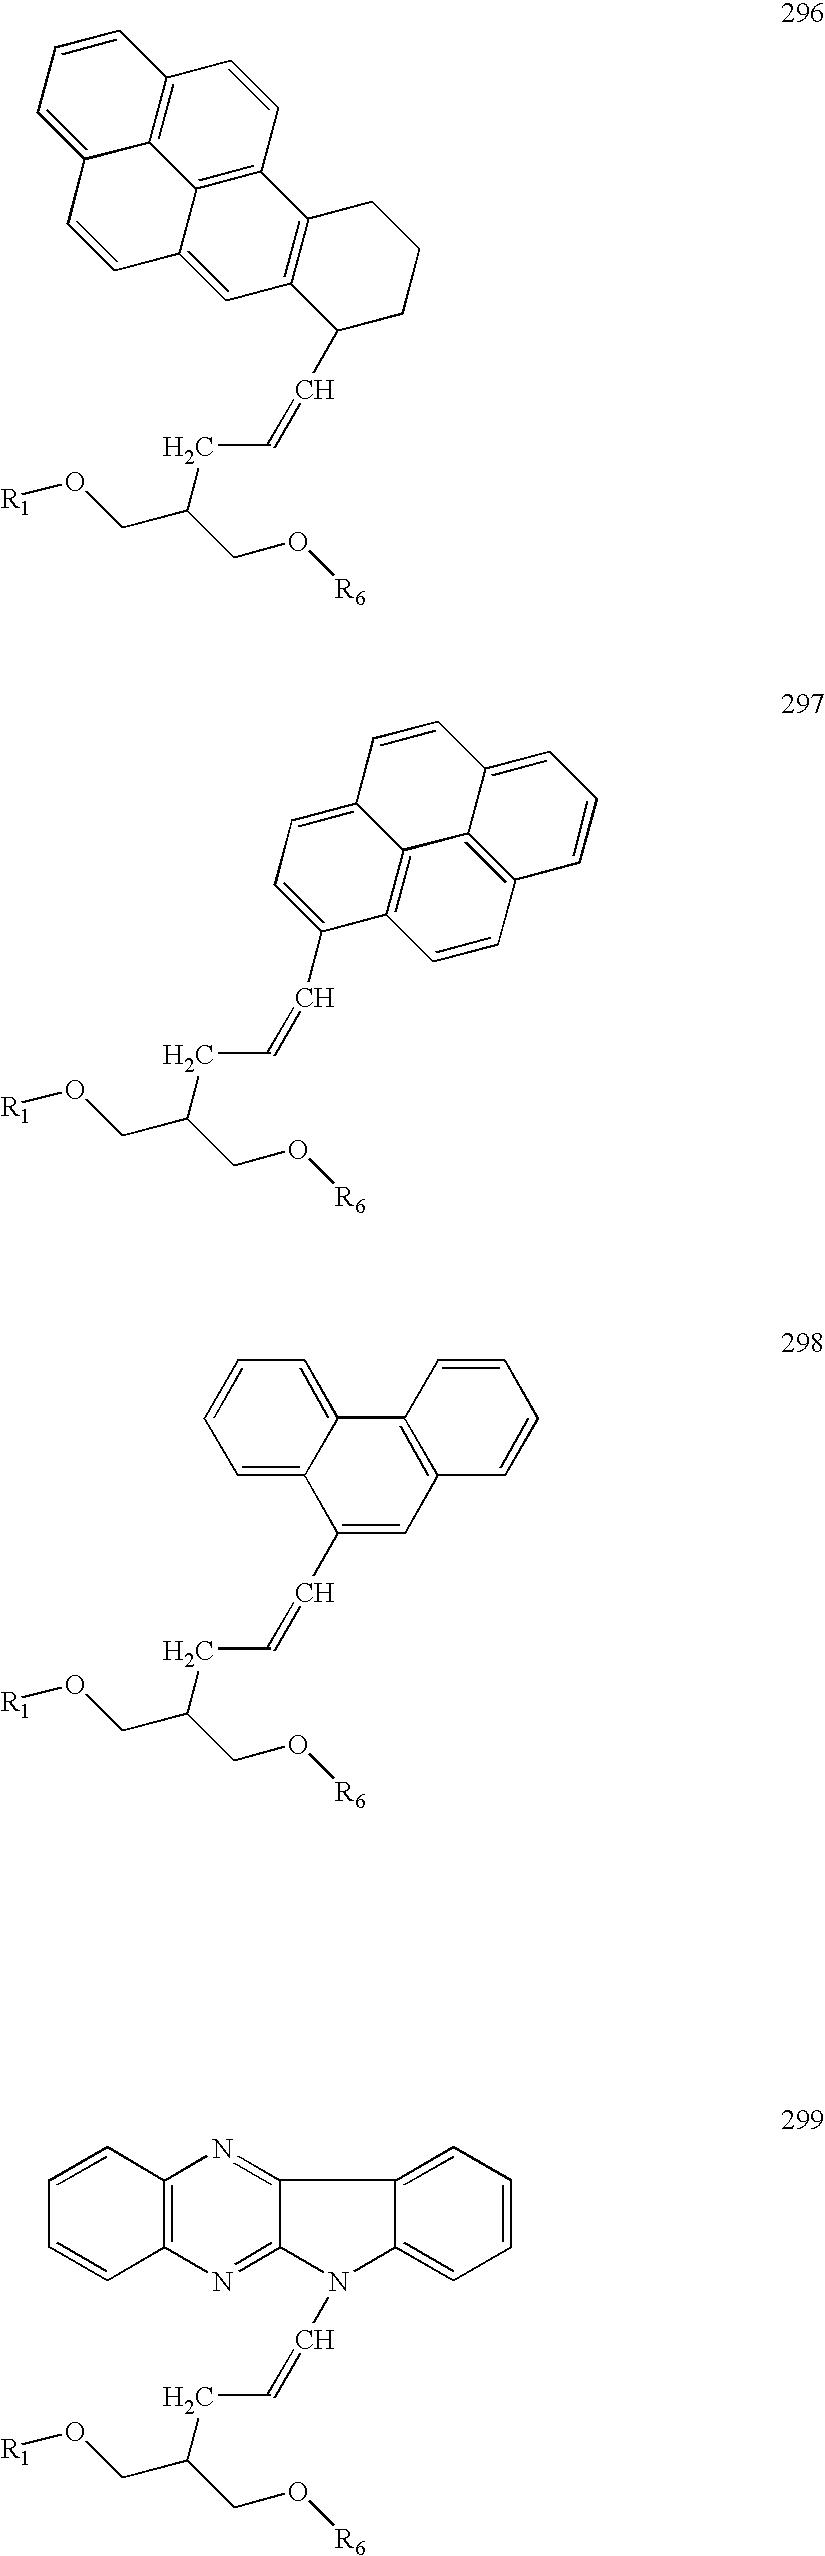 Figure US20060014144A1-20060119-C00153